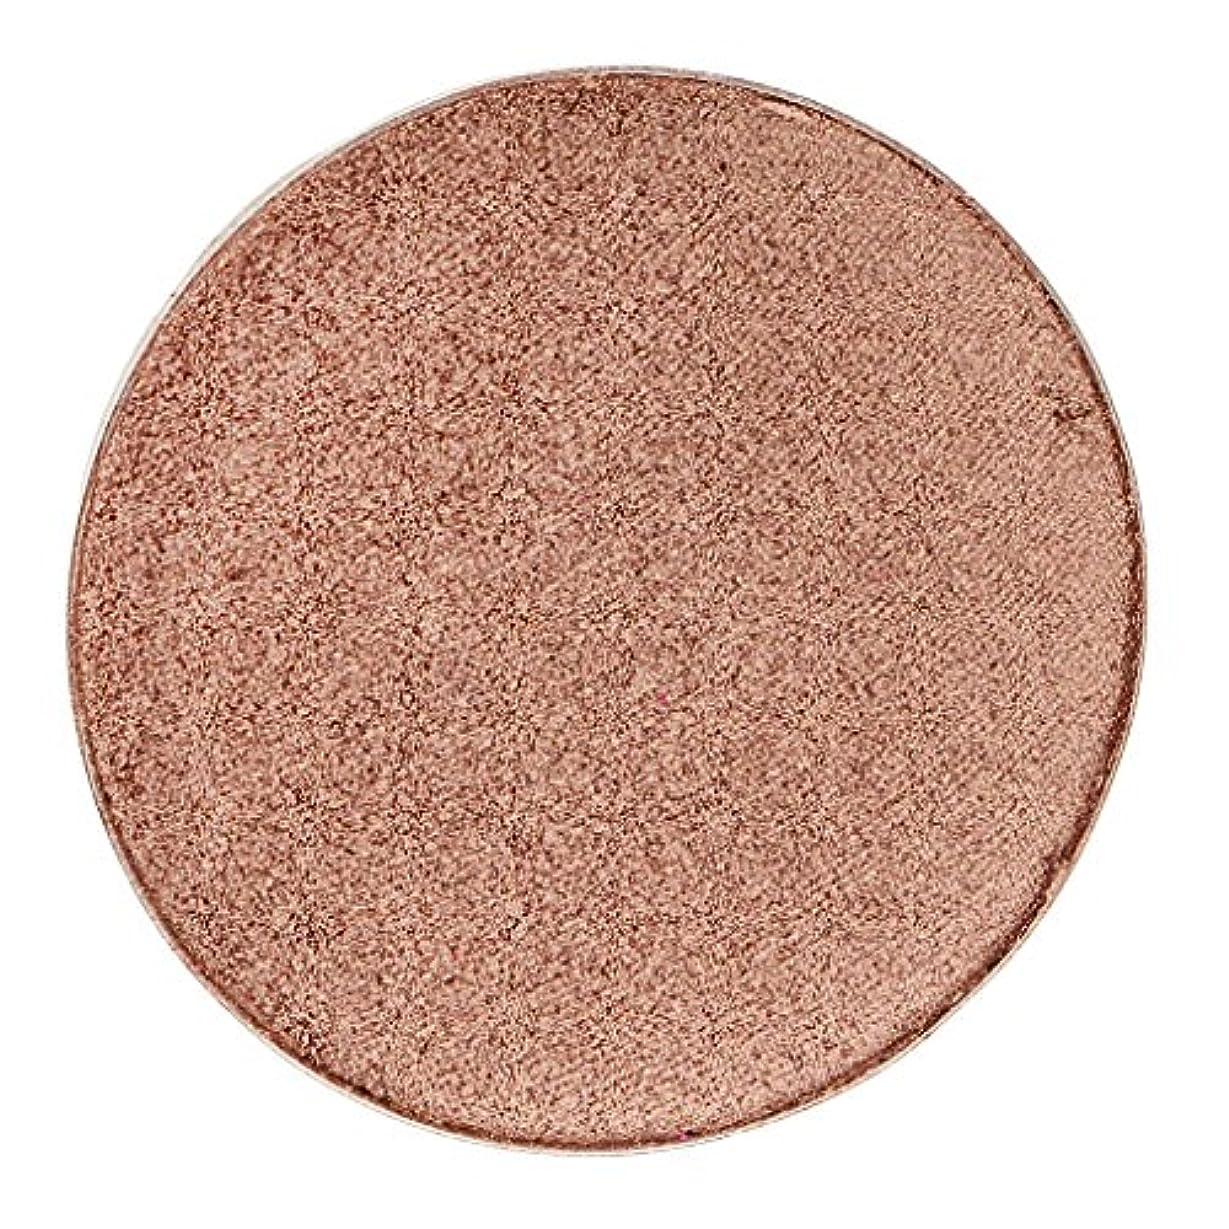 国勢調査フリッパー物足りないT TOOYFUL 美容キラキラアイシャドウパレット化粧品アイシャドウメイク5色 - #39ブラウン